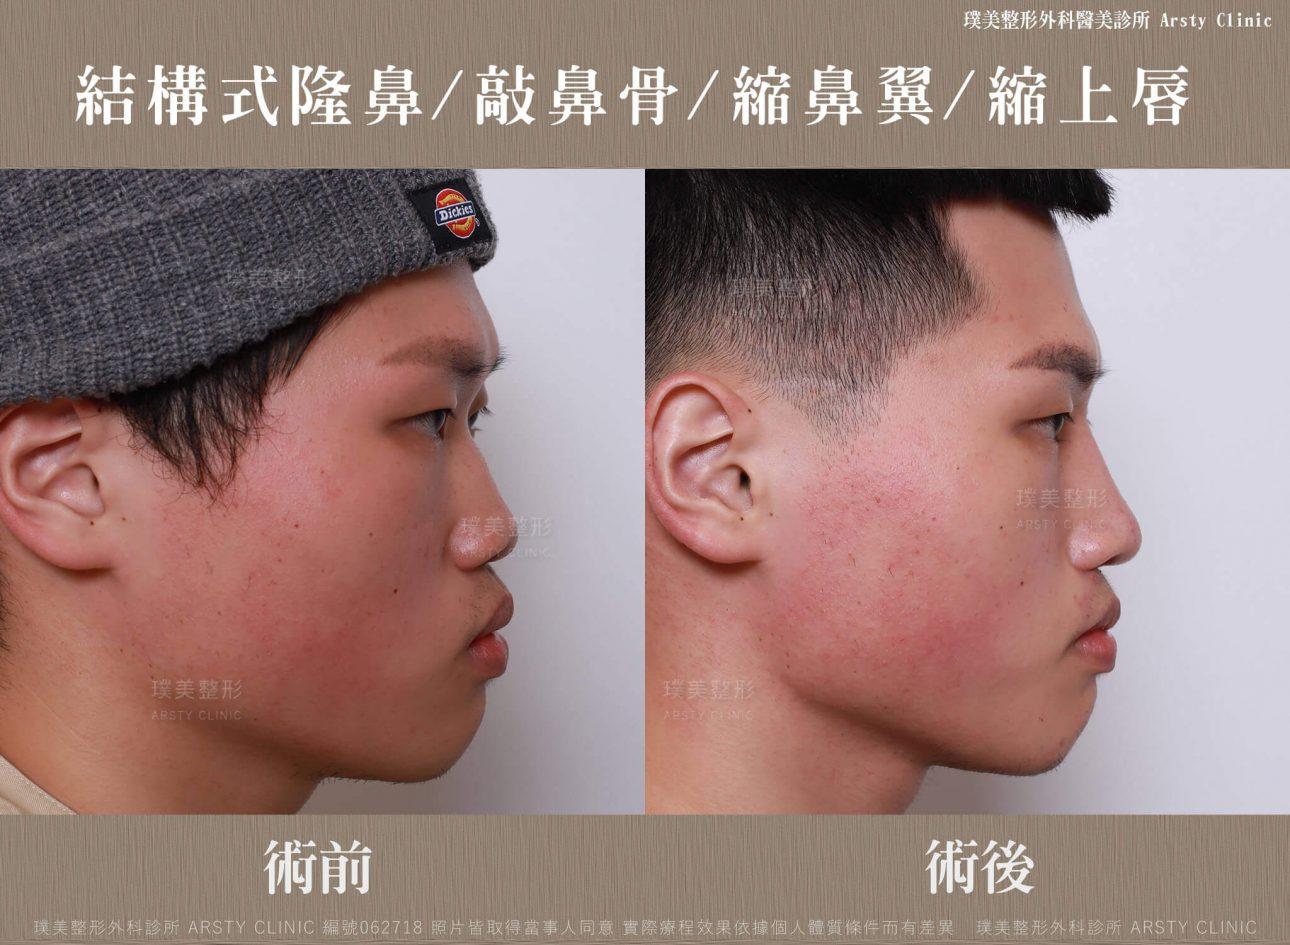 結構式隆鼻手術-縮鼻翼-敲鼻骨-縮上唇-BA-062718-右90